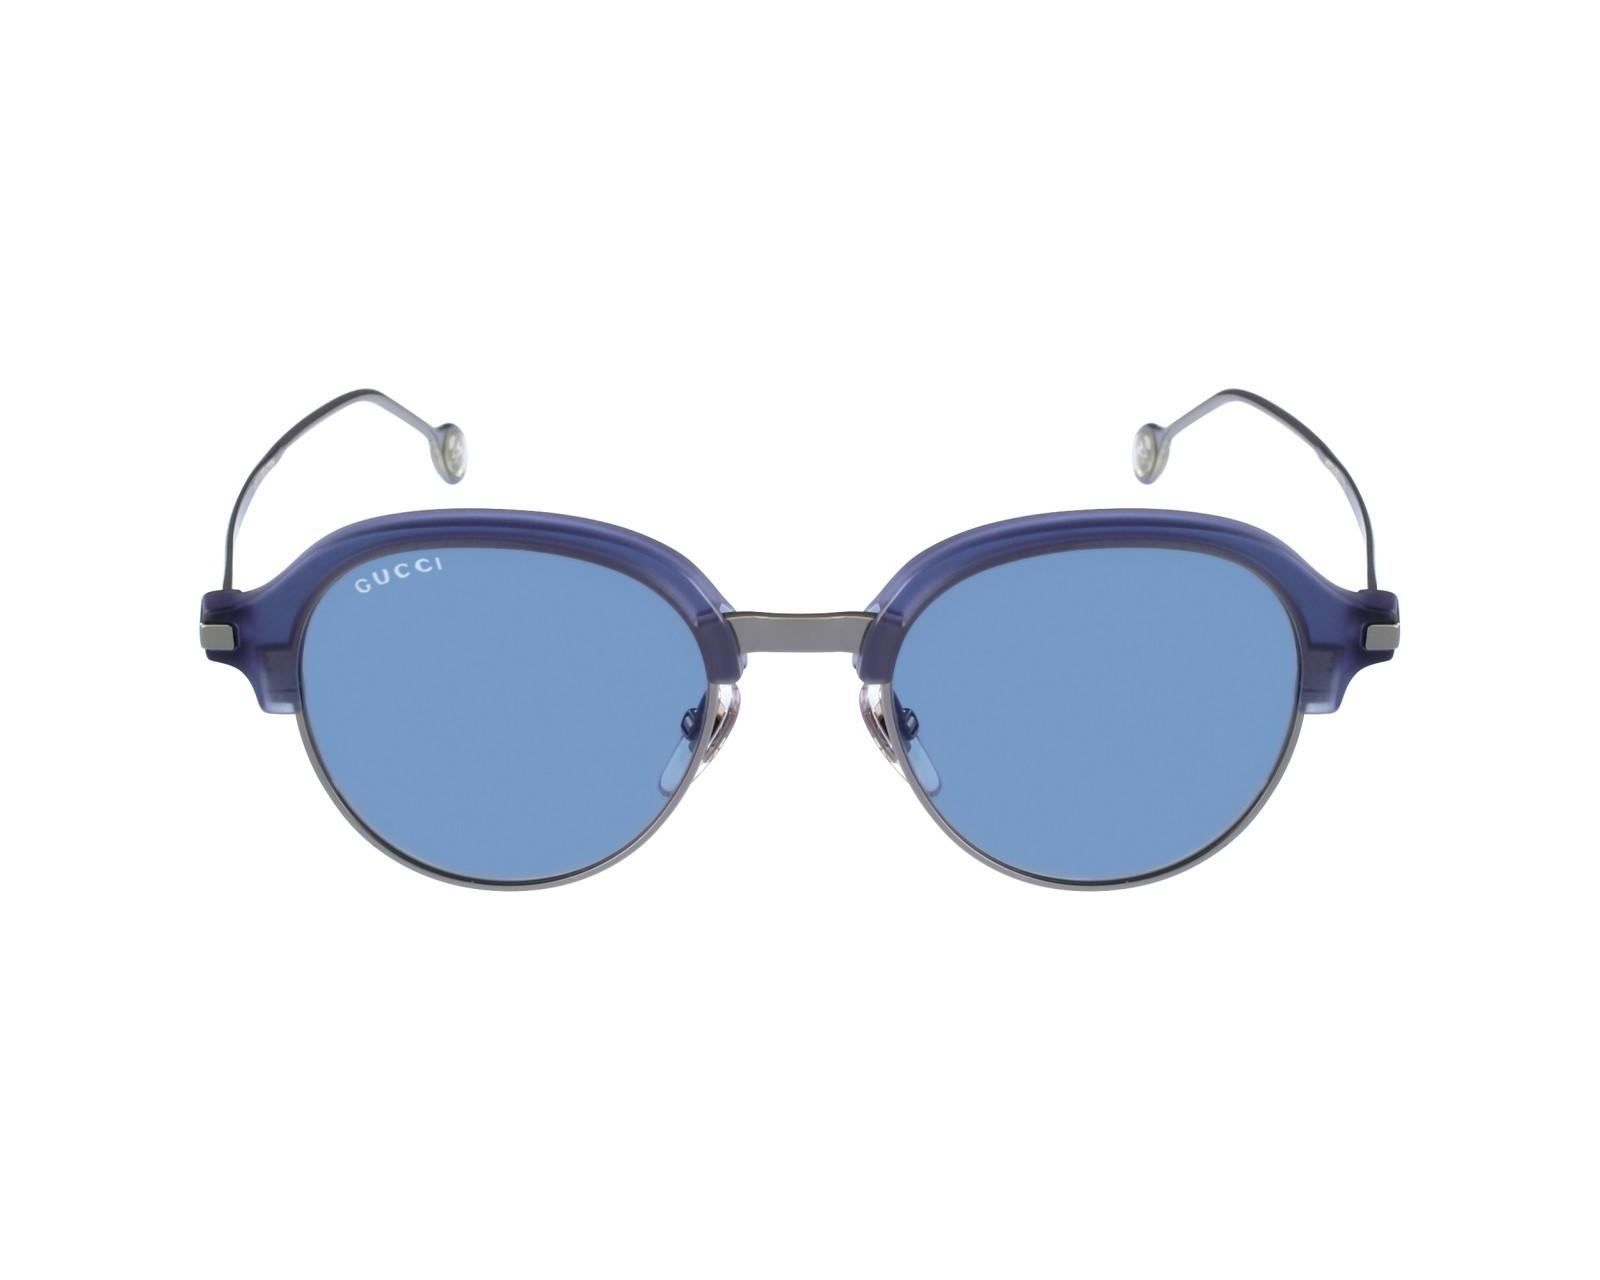 Sunglasses Gucci GG-2259-S MXR/VV - Blue sky Silver profile view